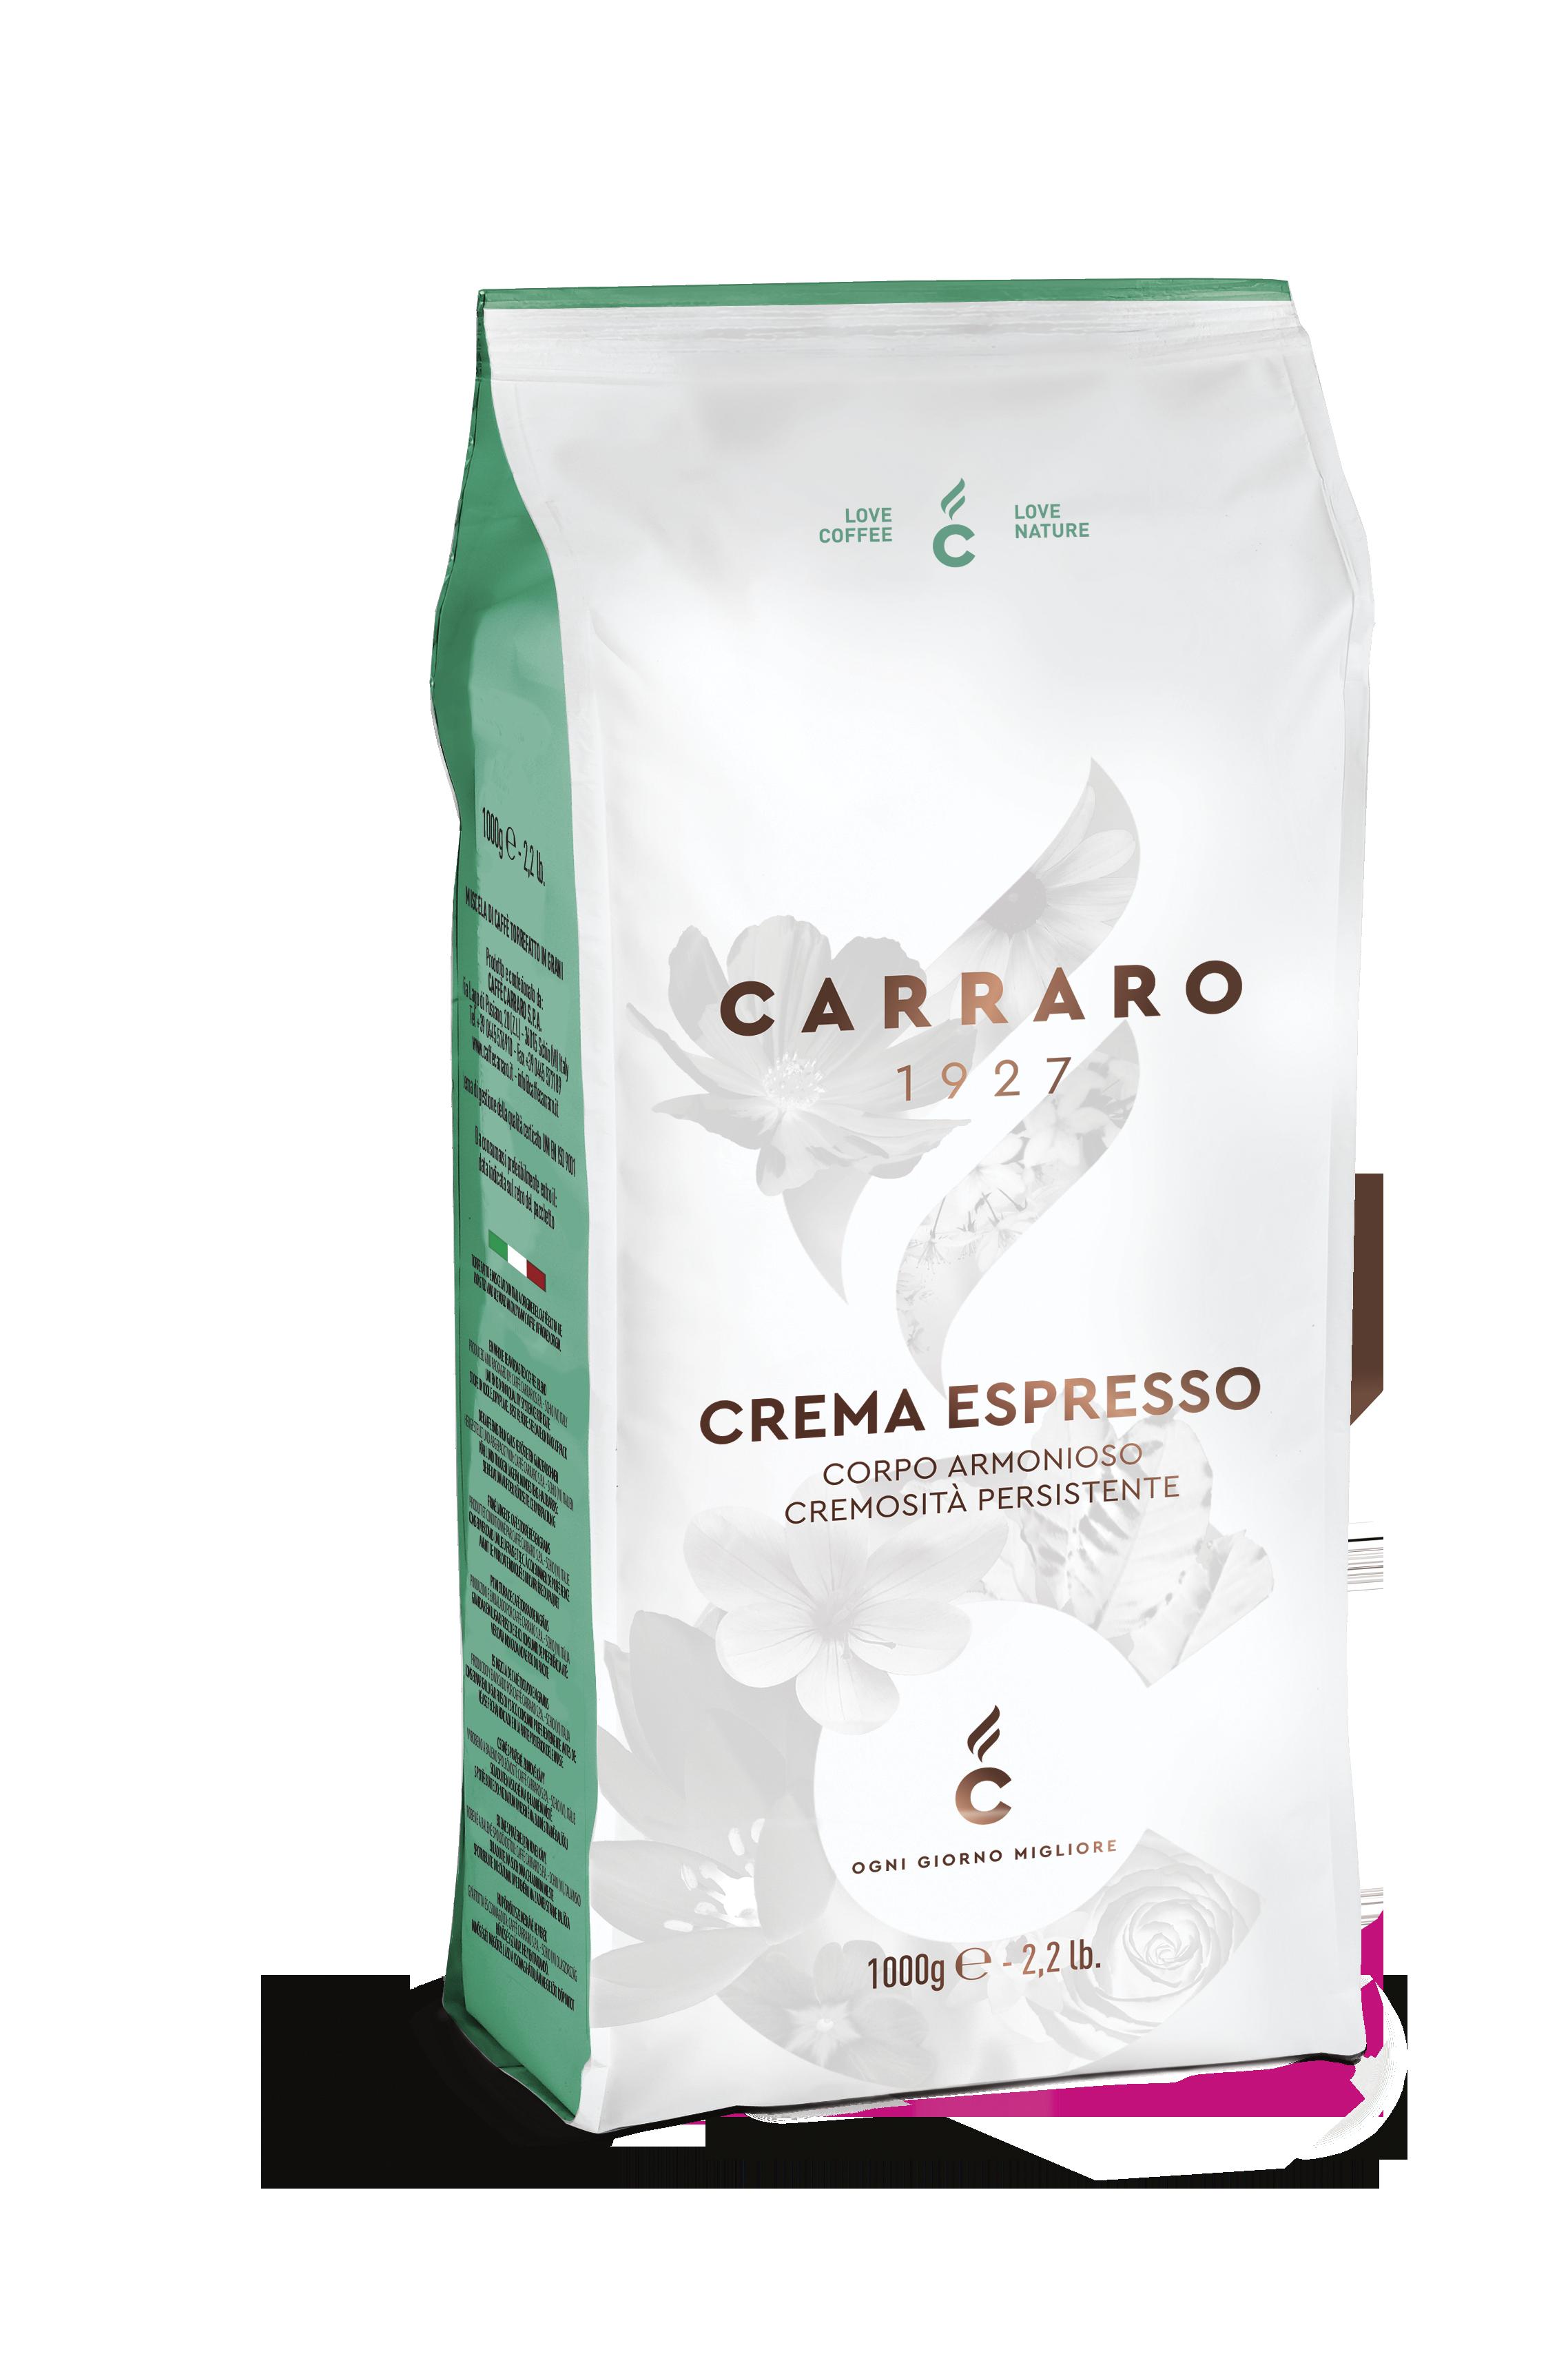 Carraro_1000g_horeca premium_crema espresso